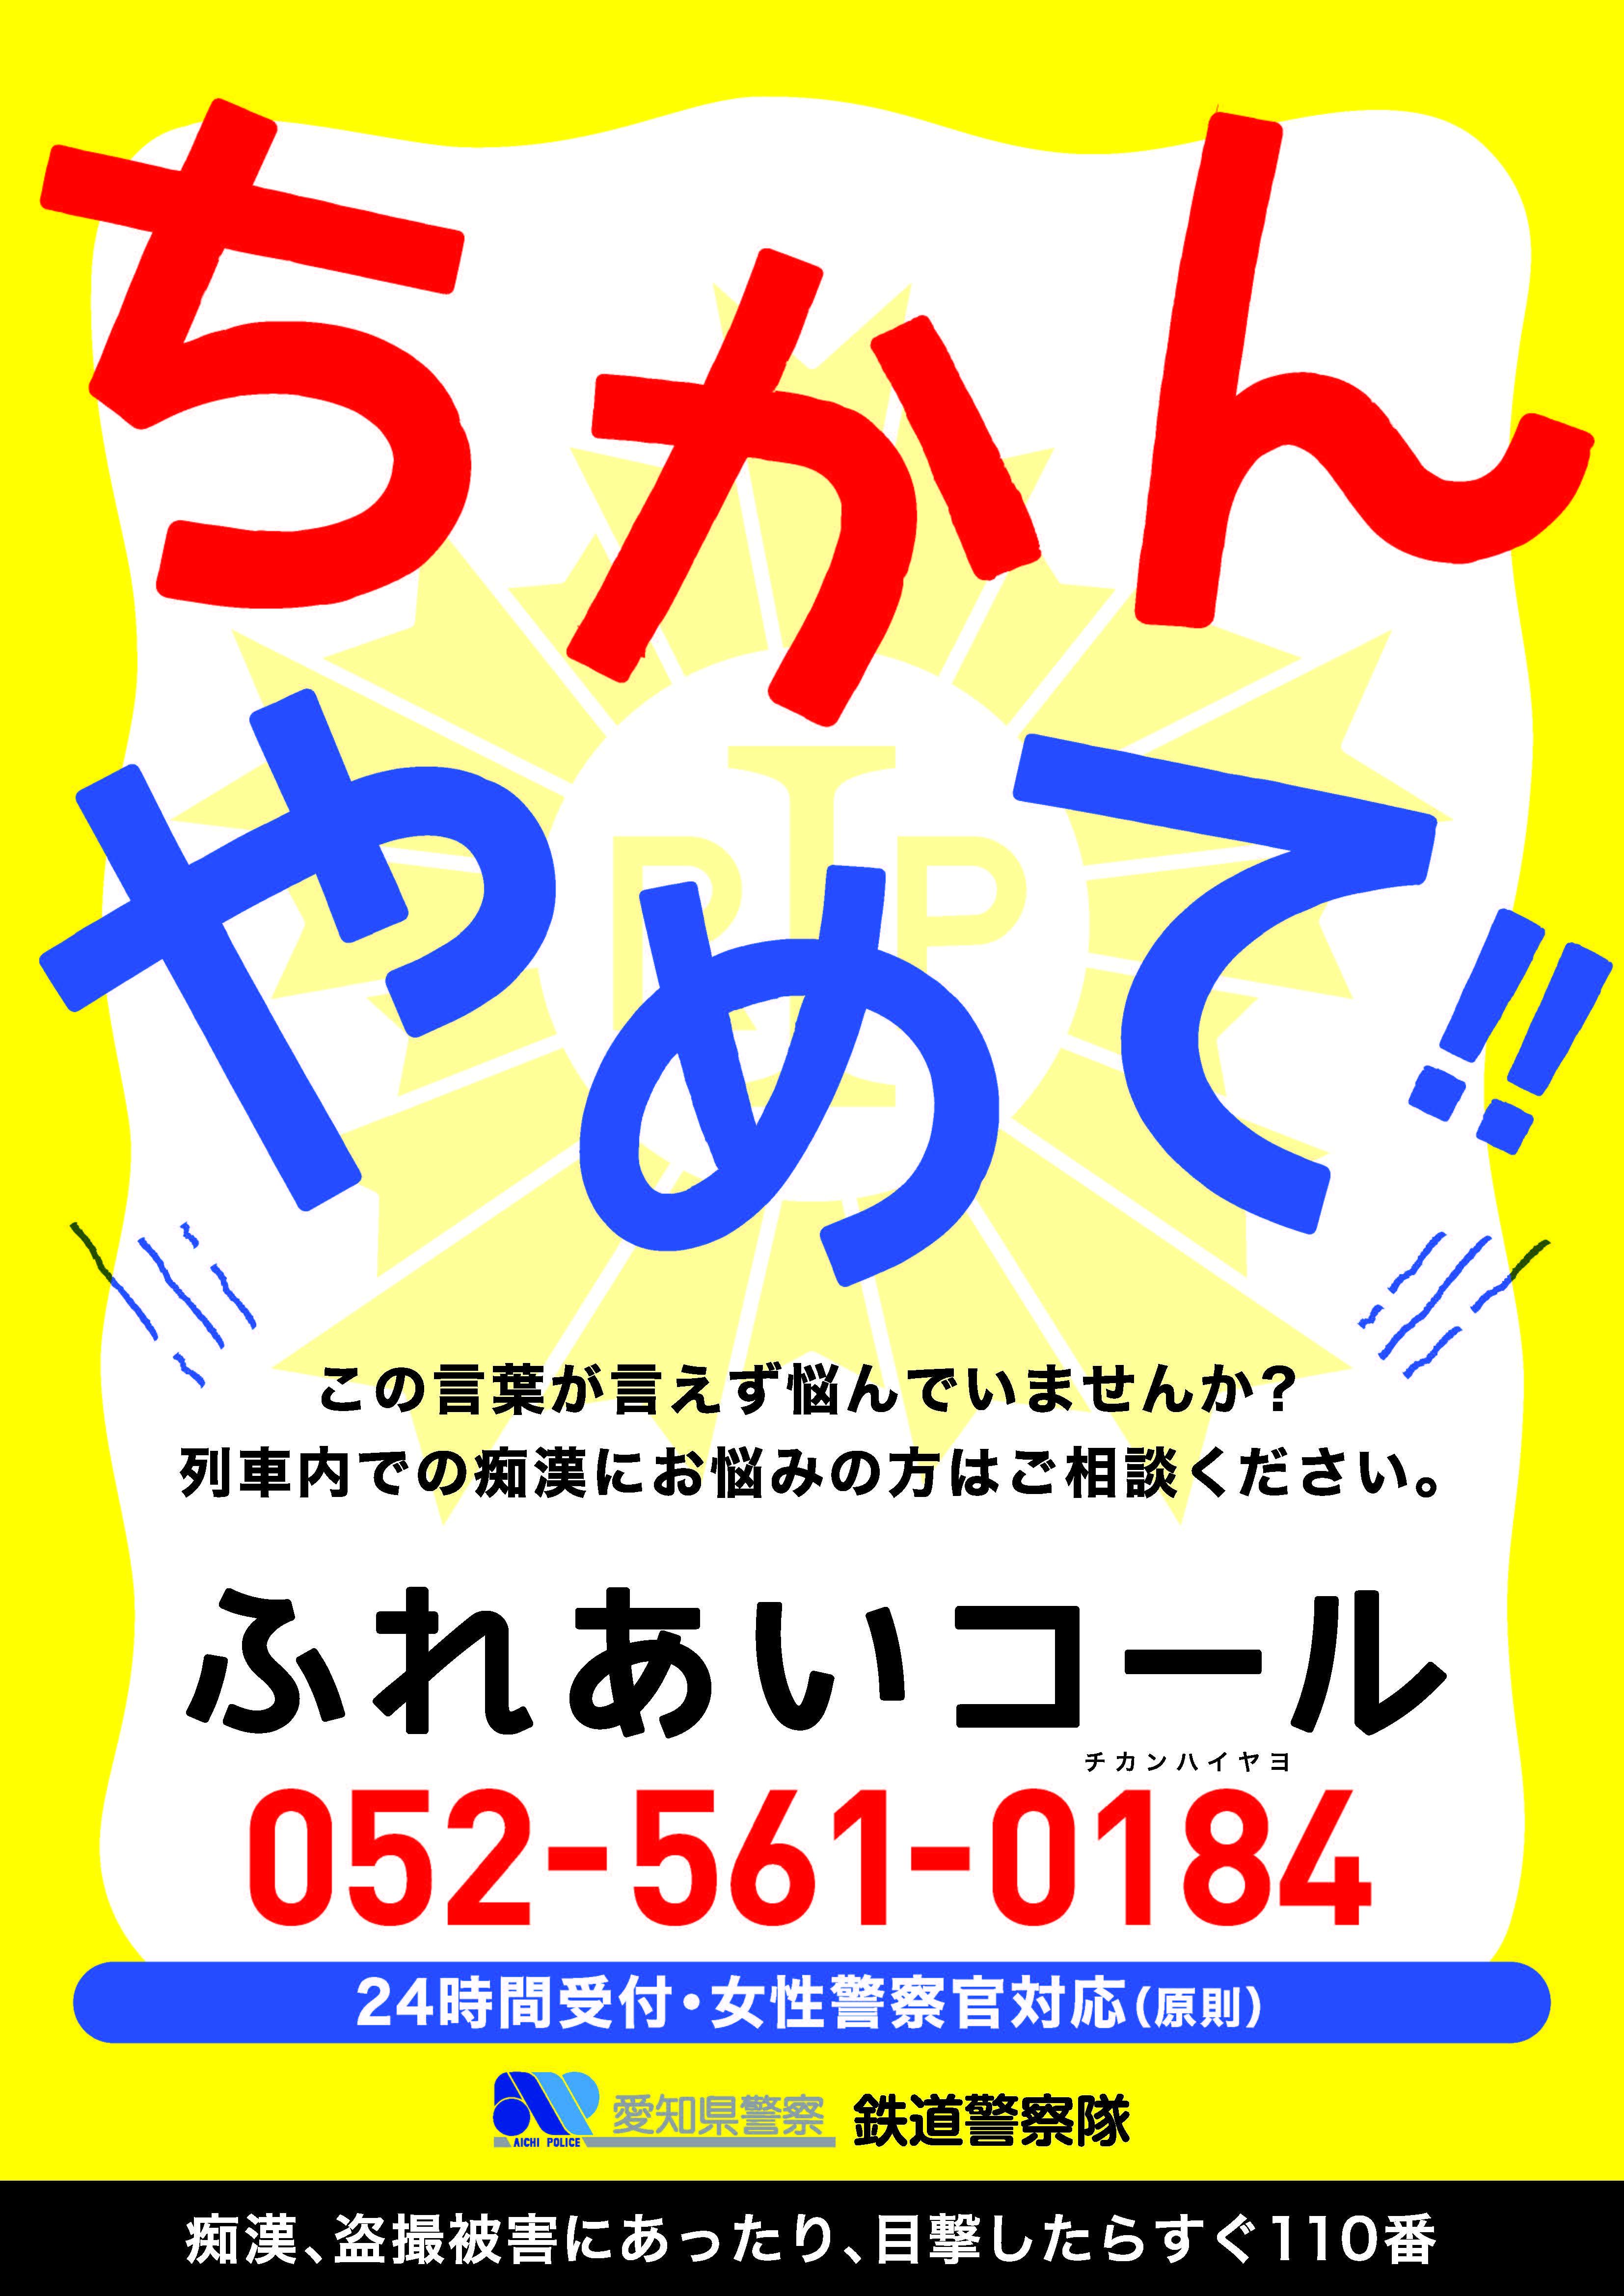 痴漢被害防止キャンペーンポスターが軽すぎる!